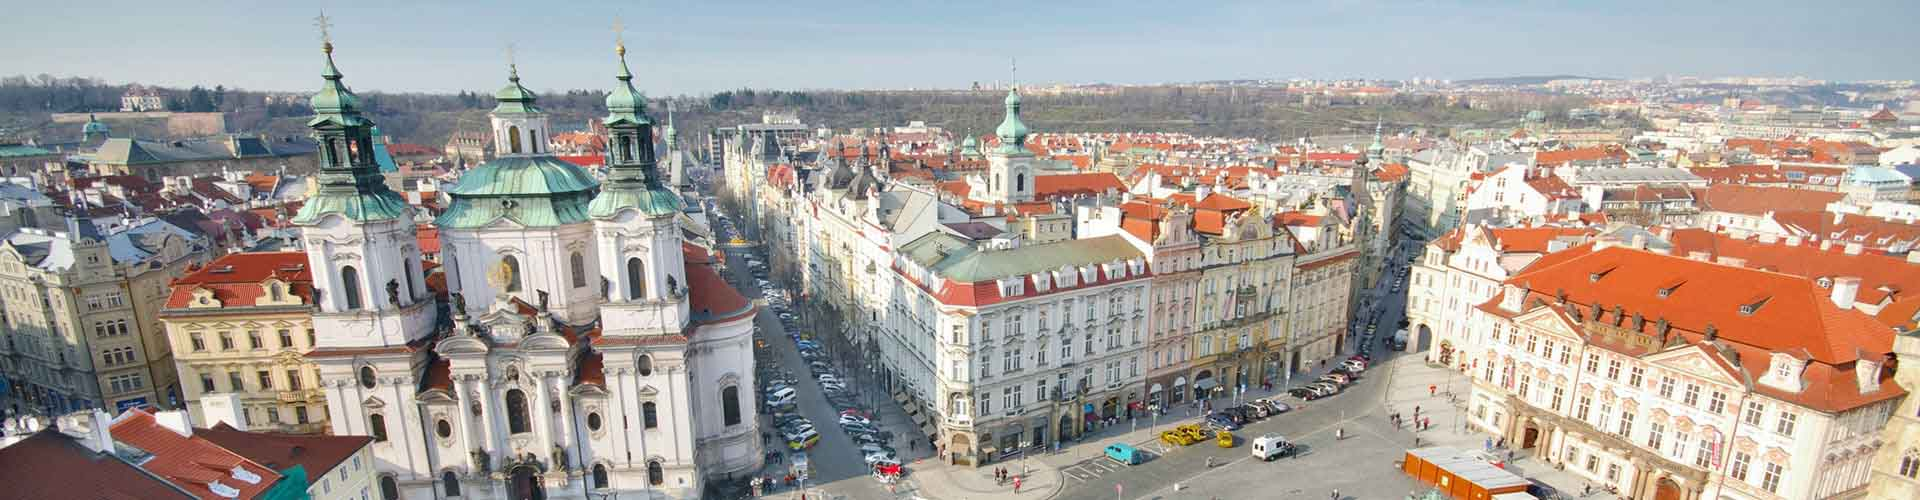 Praga - Hostales cerca a Plaza del Casco Antiguo. Mapas de Praga, Fotos y comentarios de cada Hostal en Praga.